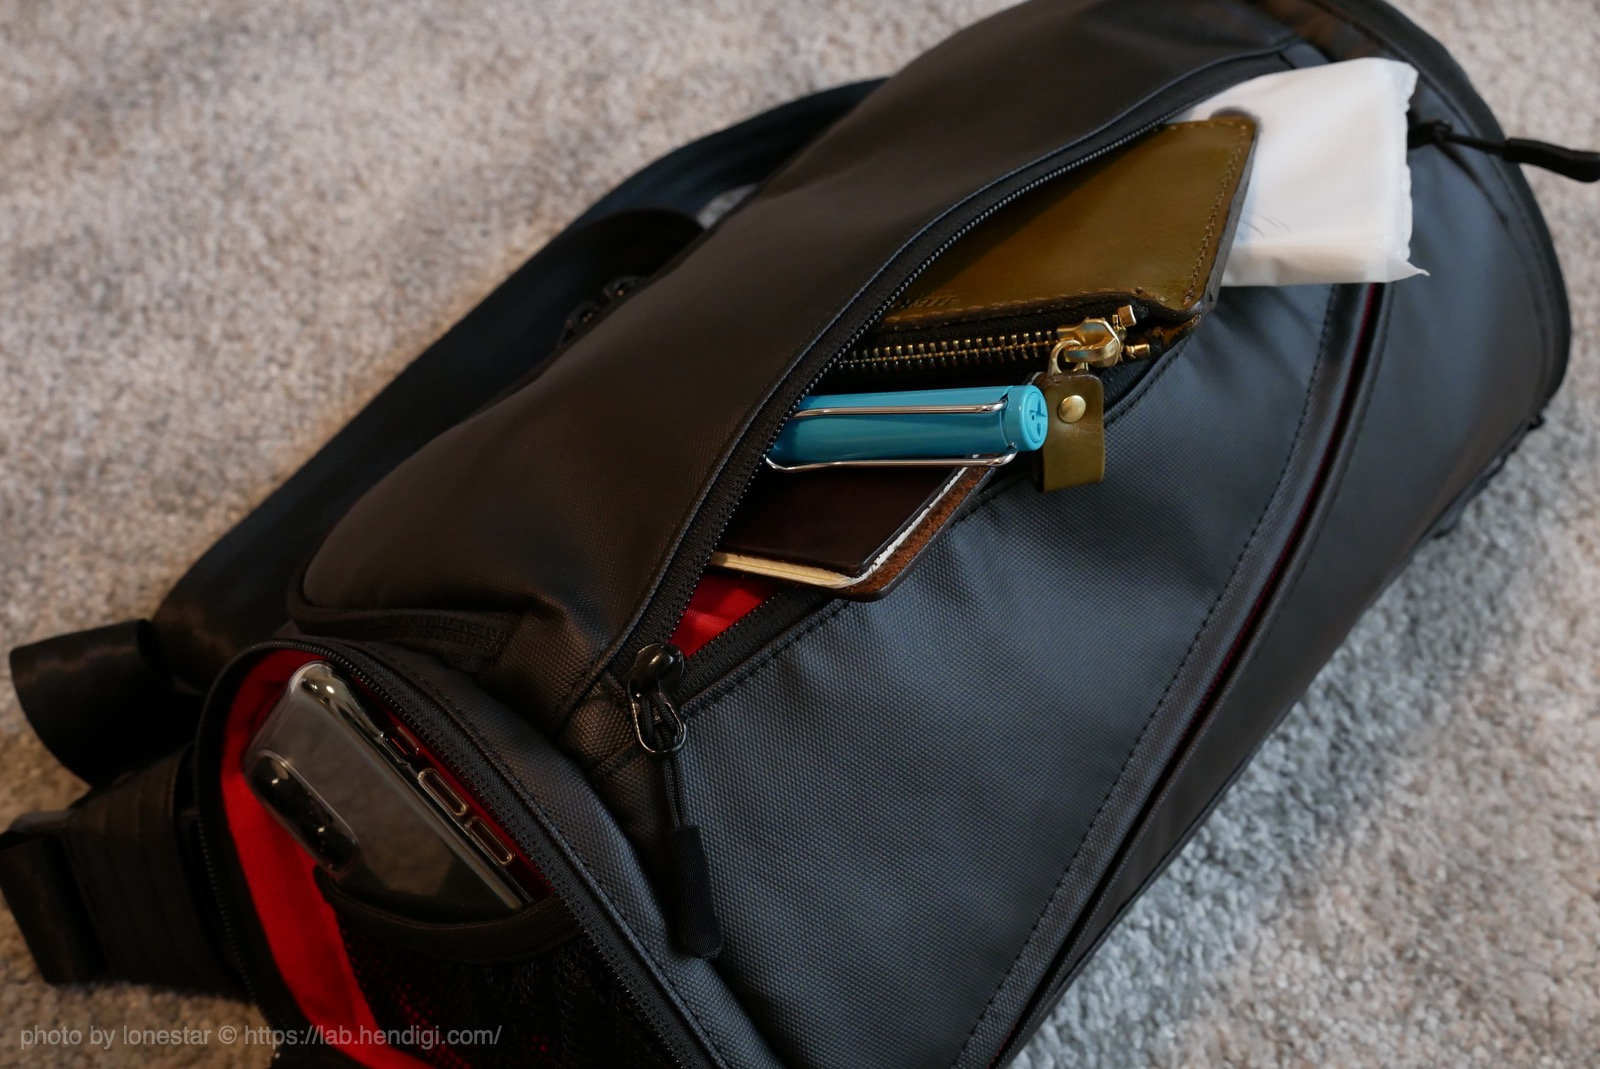 ジェットダイスケ 例のカメラバッグ ポケット